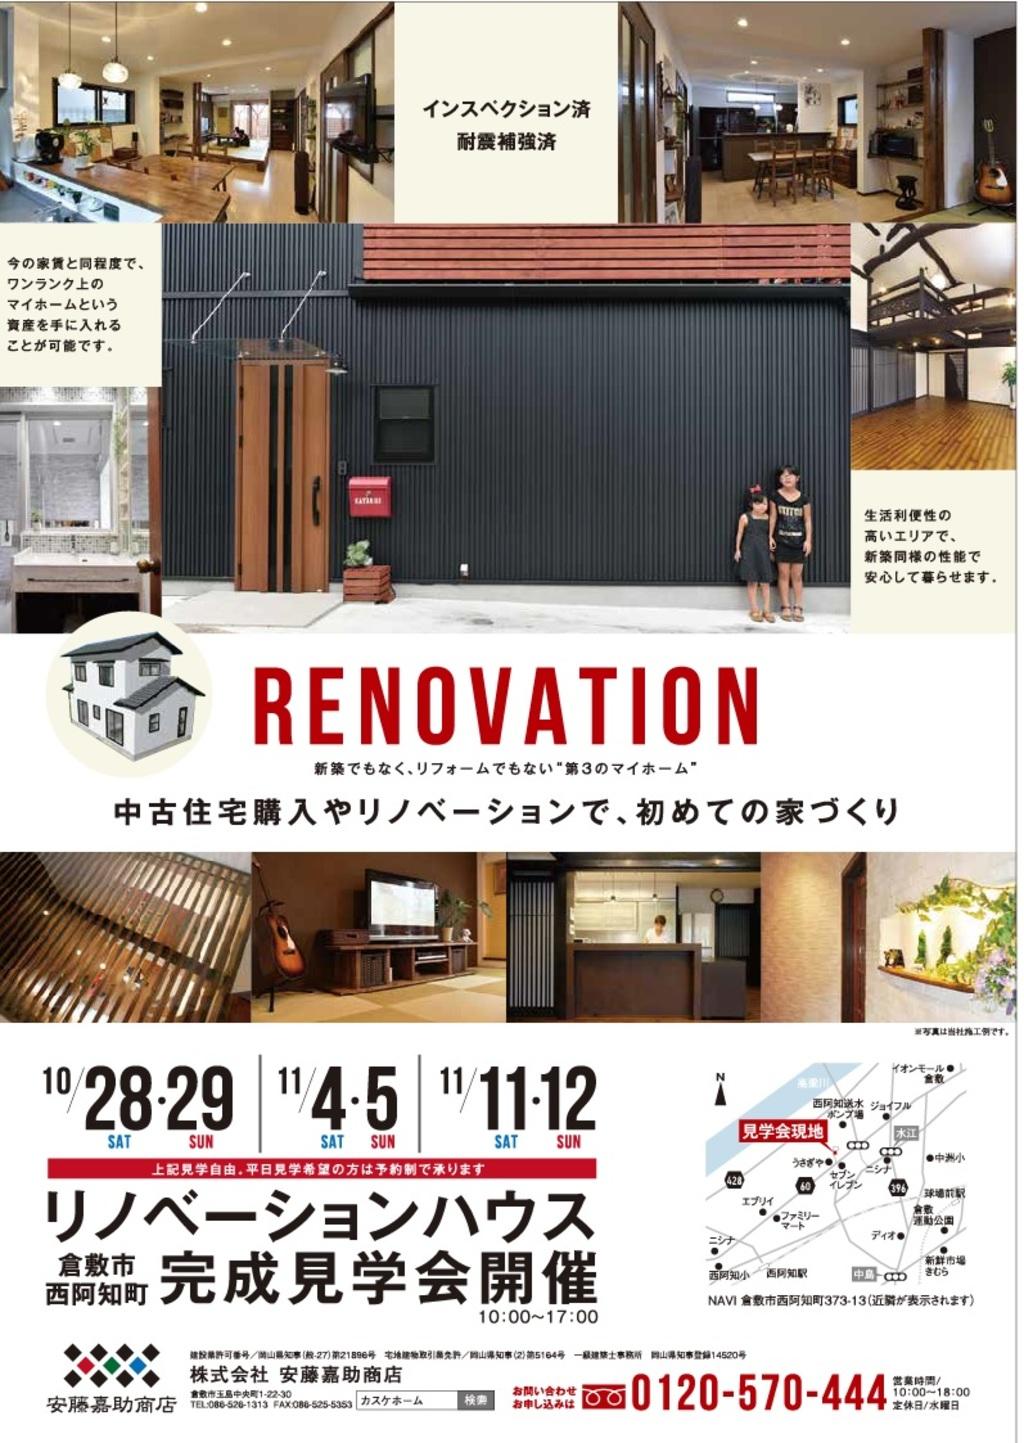 高いデザイン性と高性能のリノベーションが体感できる「リノベーション完成見学会」を10月28日(土)~11月12日(日)まで、倉敷市西阿知町(倉敷市西阿知町373-13)で開催します。  好きなエリアに購入した中古住宅、今お住まいの家・マンションも自由に変わるマイホームの新しい形、中古リノベーション。 いま、リノベーションを選ぶマイホーム世代が増えています。  カスケホームのリノベーションは 「建築士とつくるデザイン住宅」「岡山県木造耐震診断員とつくる安心住宅」の両方を備えたマイホームを、今の家賃と同程度で手に入れることも可能です。   10月28日(土)・29日(日)、11月4日(土)・5日(日)、11月11日(土)・12日(日)は完全フリー。 この日程で都合がつかない方は、期間中の平日も予約制で見学をお受けいたします。 お気軽にお申込みください。  あわせて、10月29日(日)14時~、法律のプロを招いて開催する「そのとき家族があわてない為の 相続・贈与セミナー」をはじめ、セミナーも多数開催します。  あわせてお越しください。